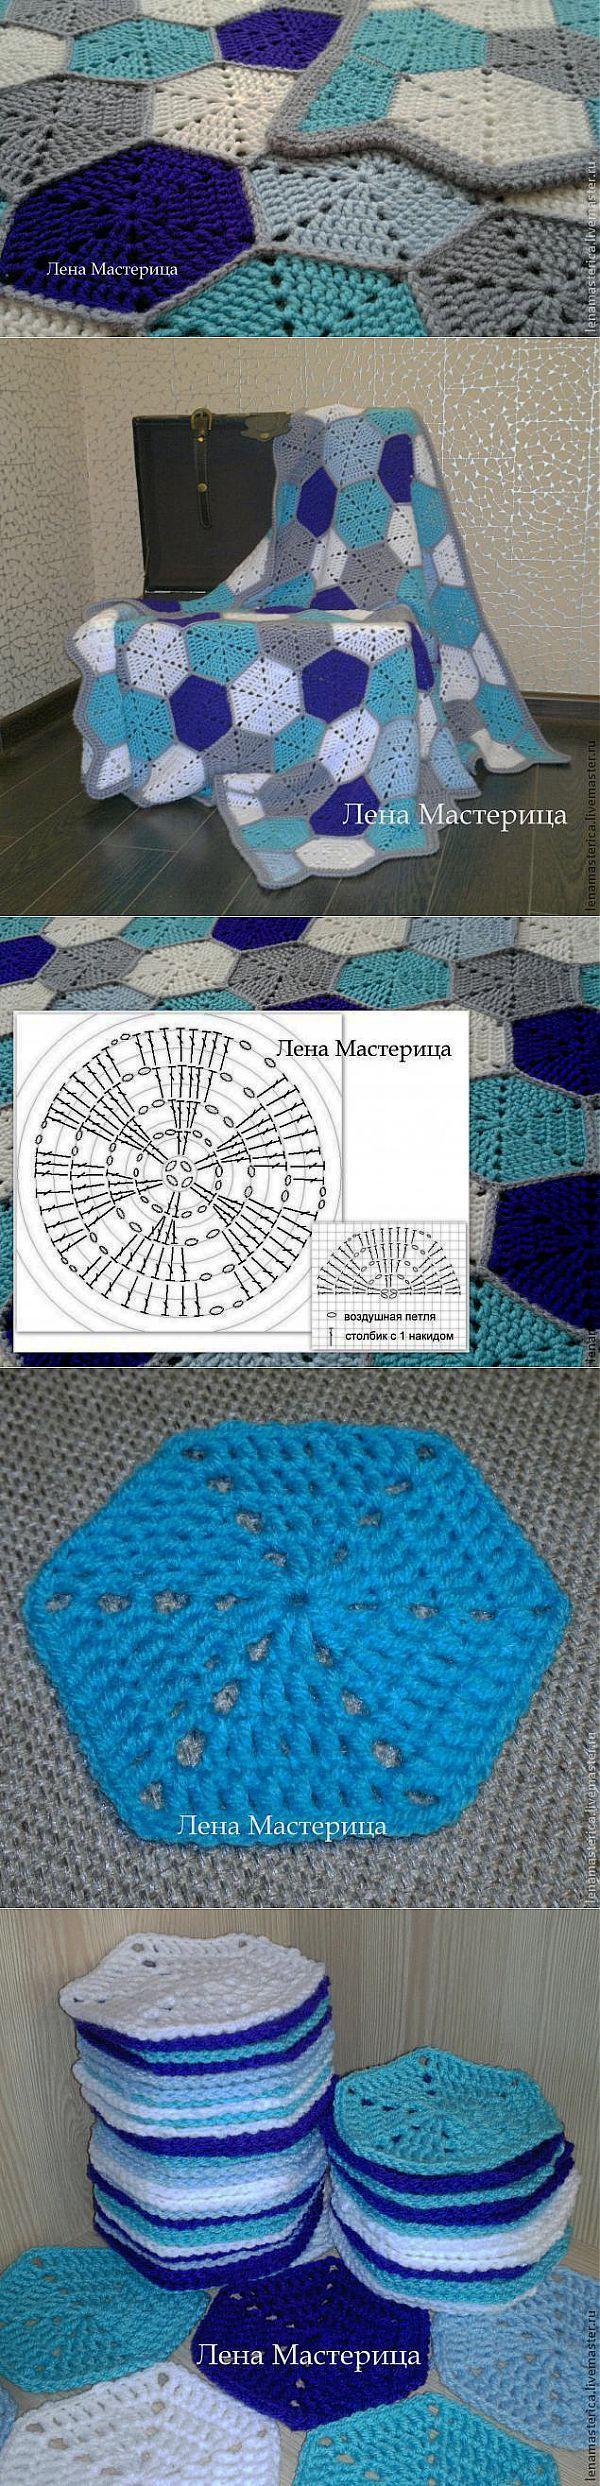 вязание афганского квадрата крючком схемы